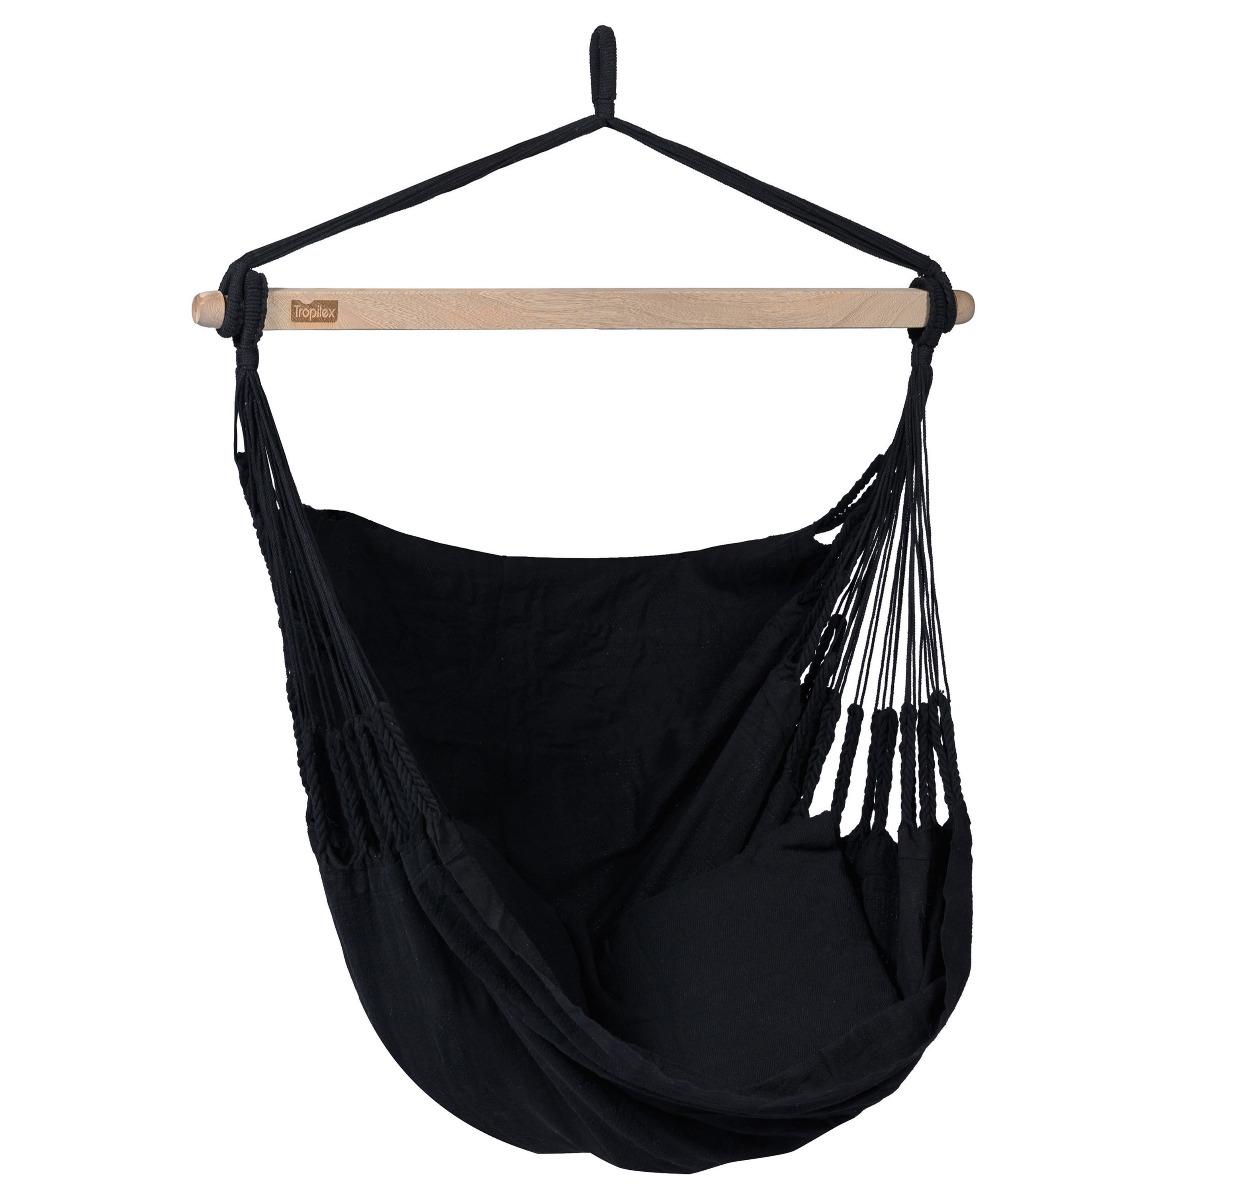 Hangstoel 'Comfort' Black - Tropilex �